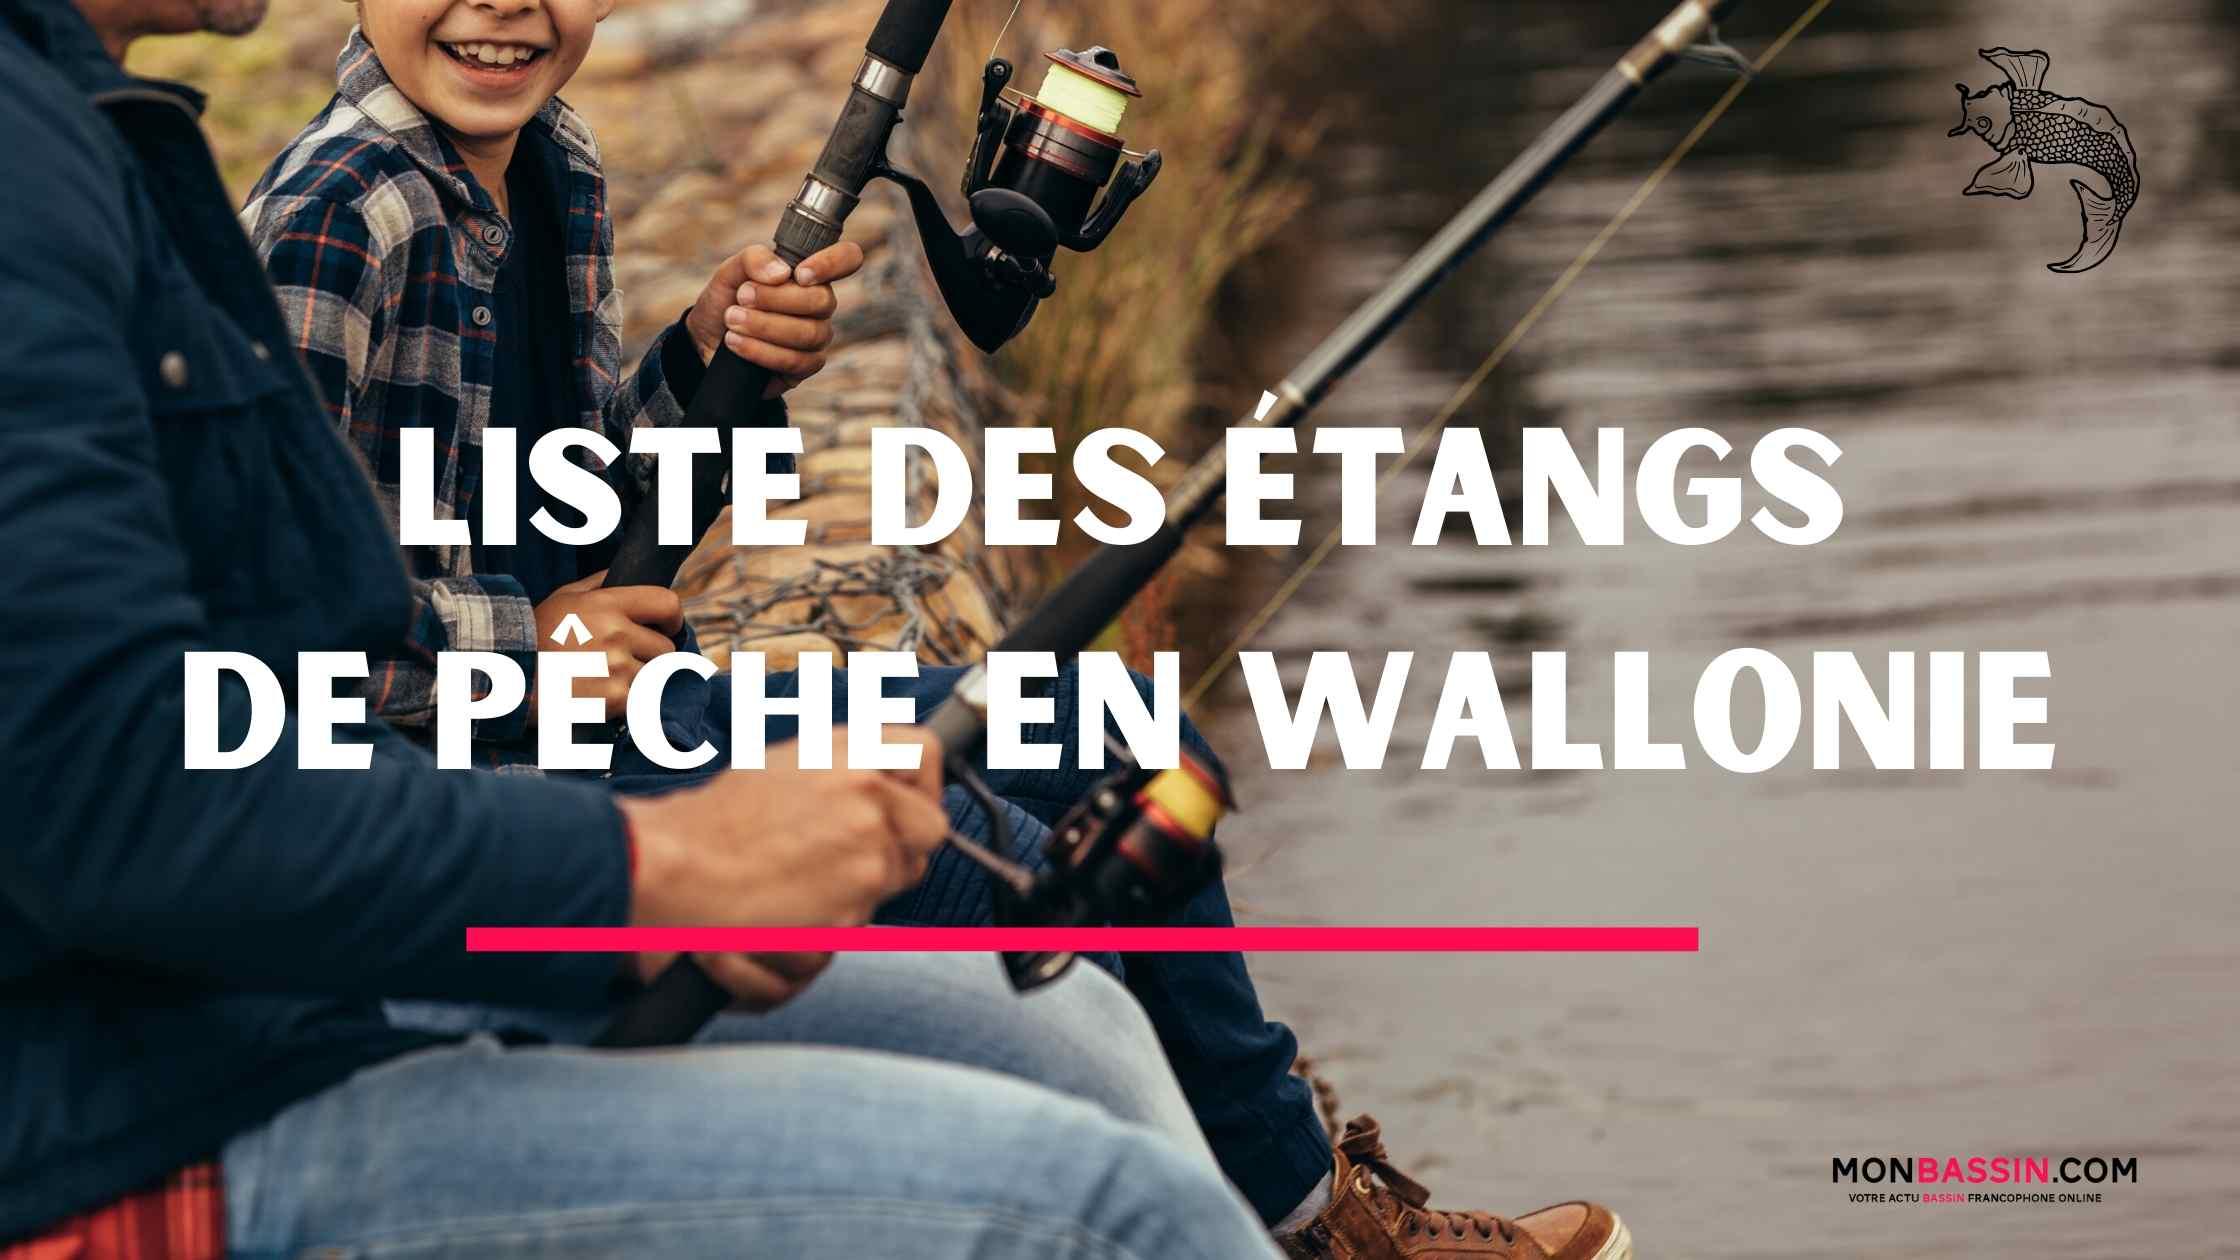 Liste des étangs de pêche en Wallonie